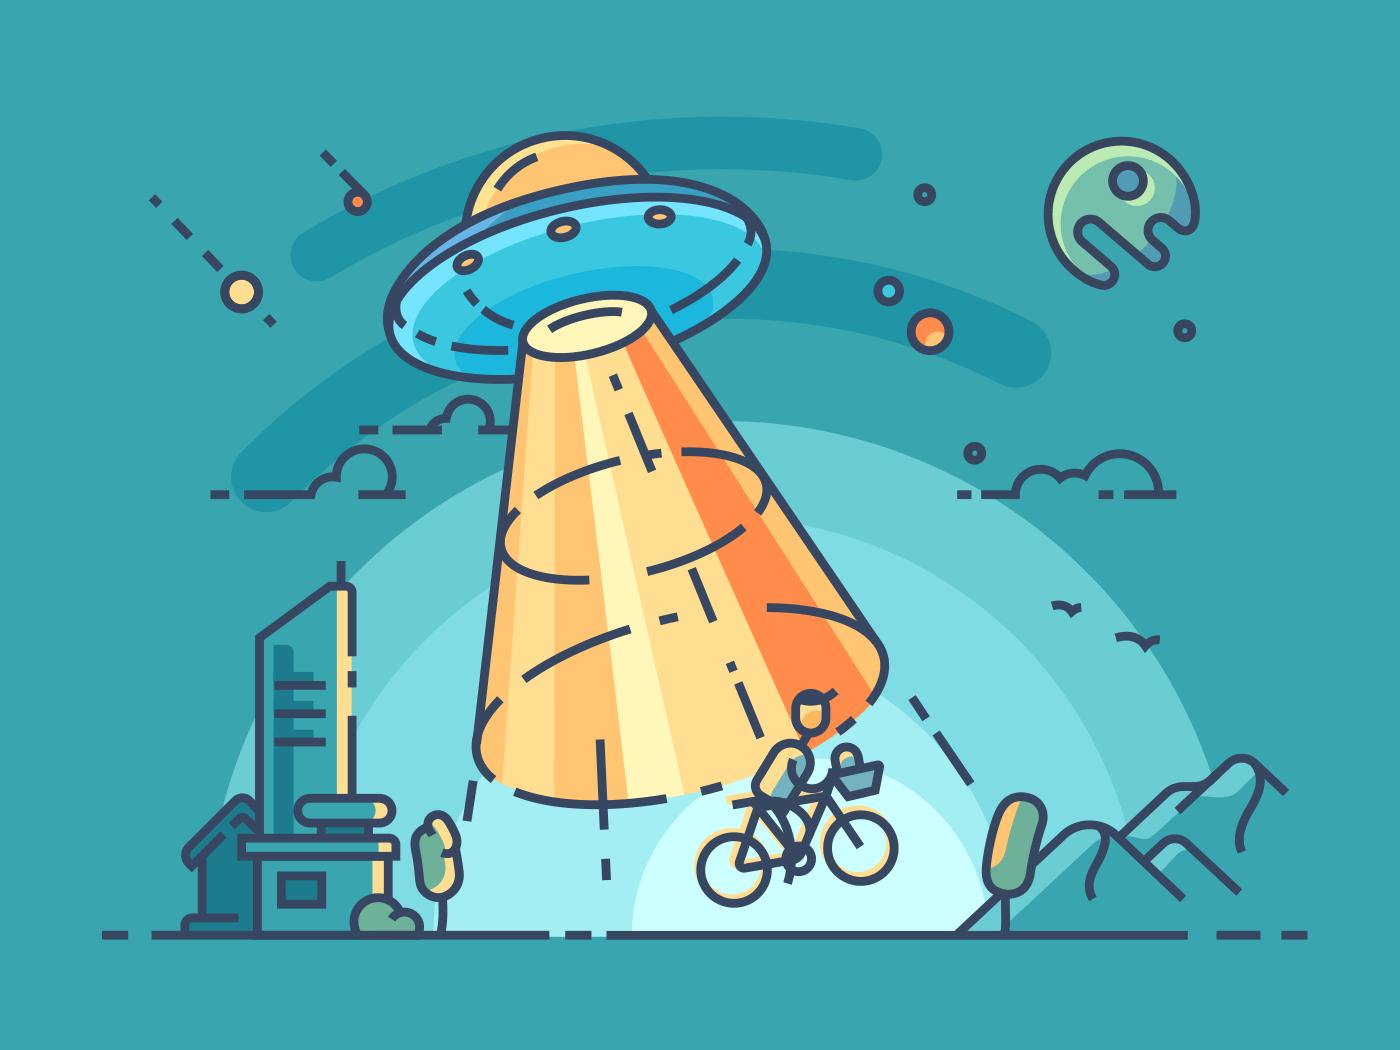 UFO steals man